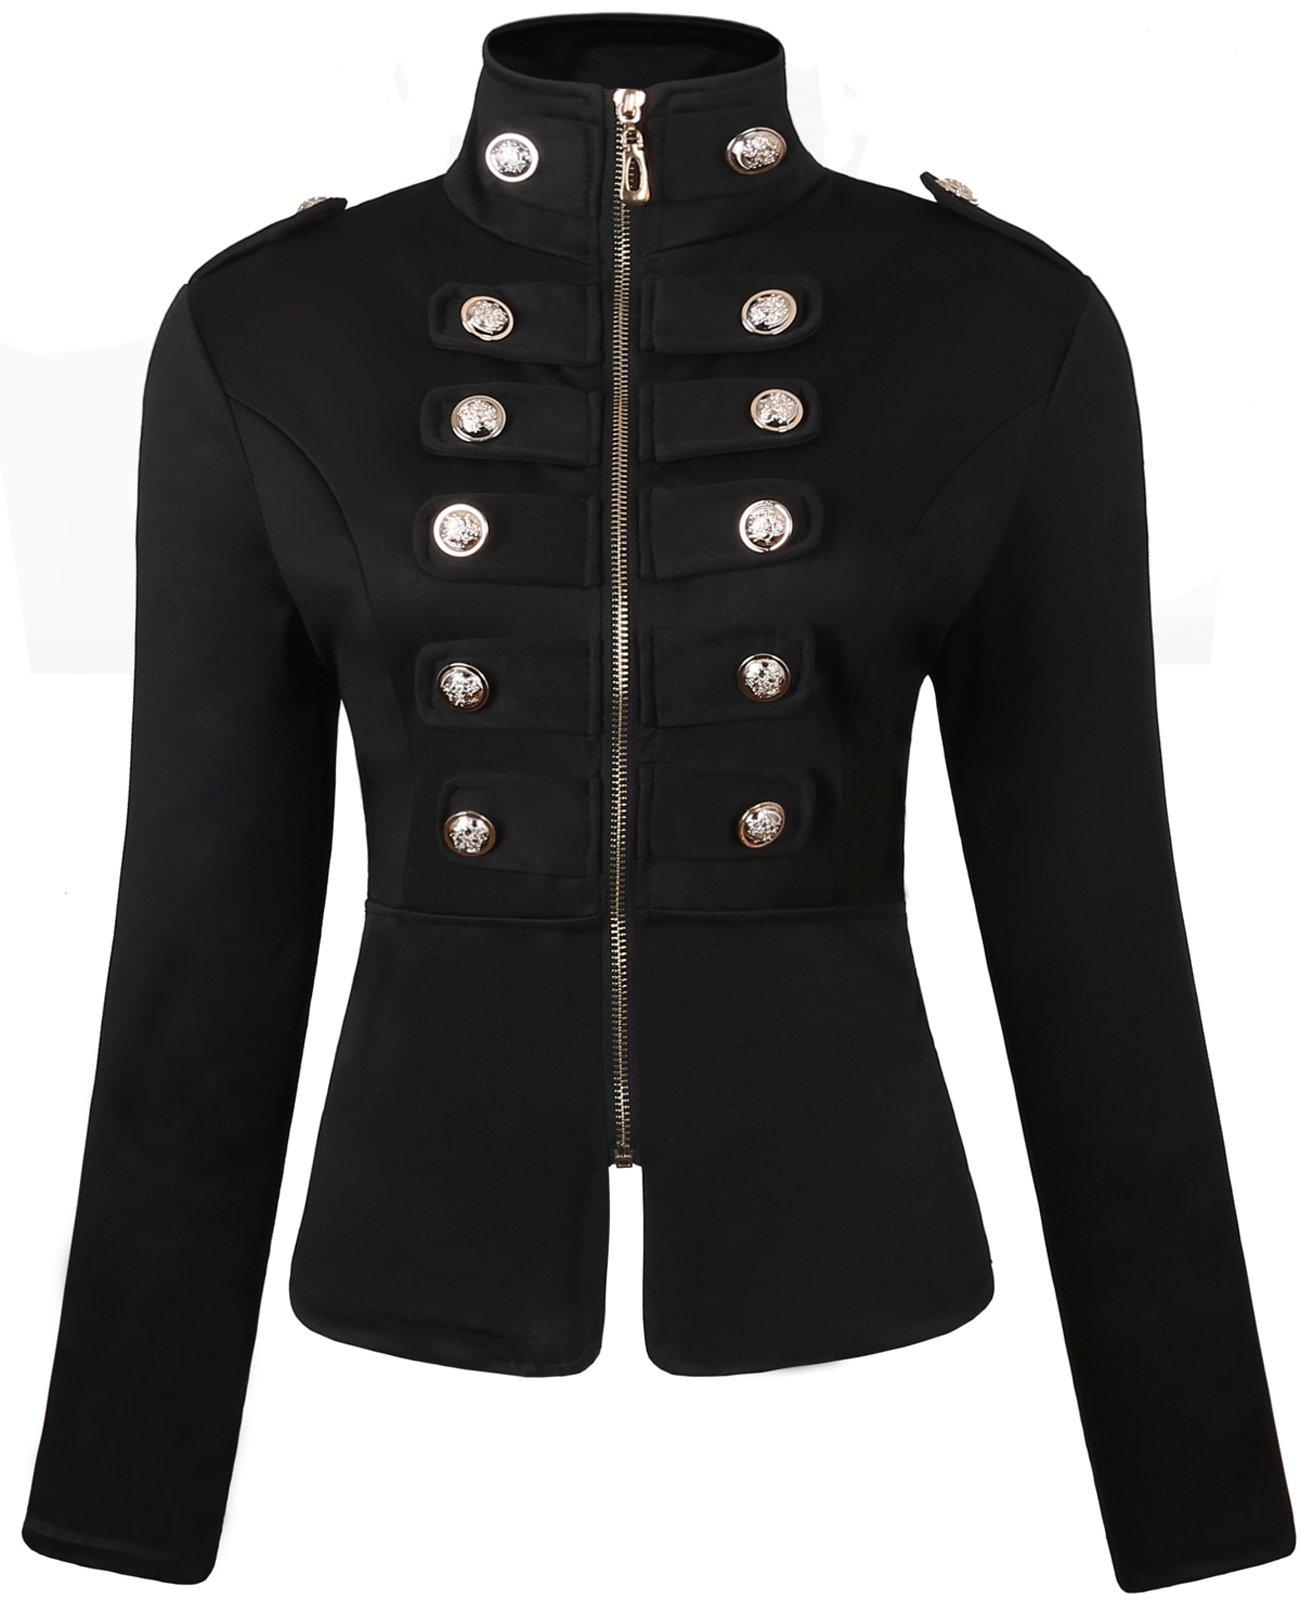 JOKHOO Women's Zip Front Stand Collar Military Light Jacket Zip Up Blazers (Black, XL1)